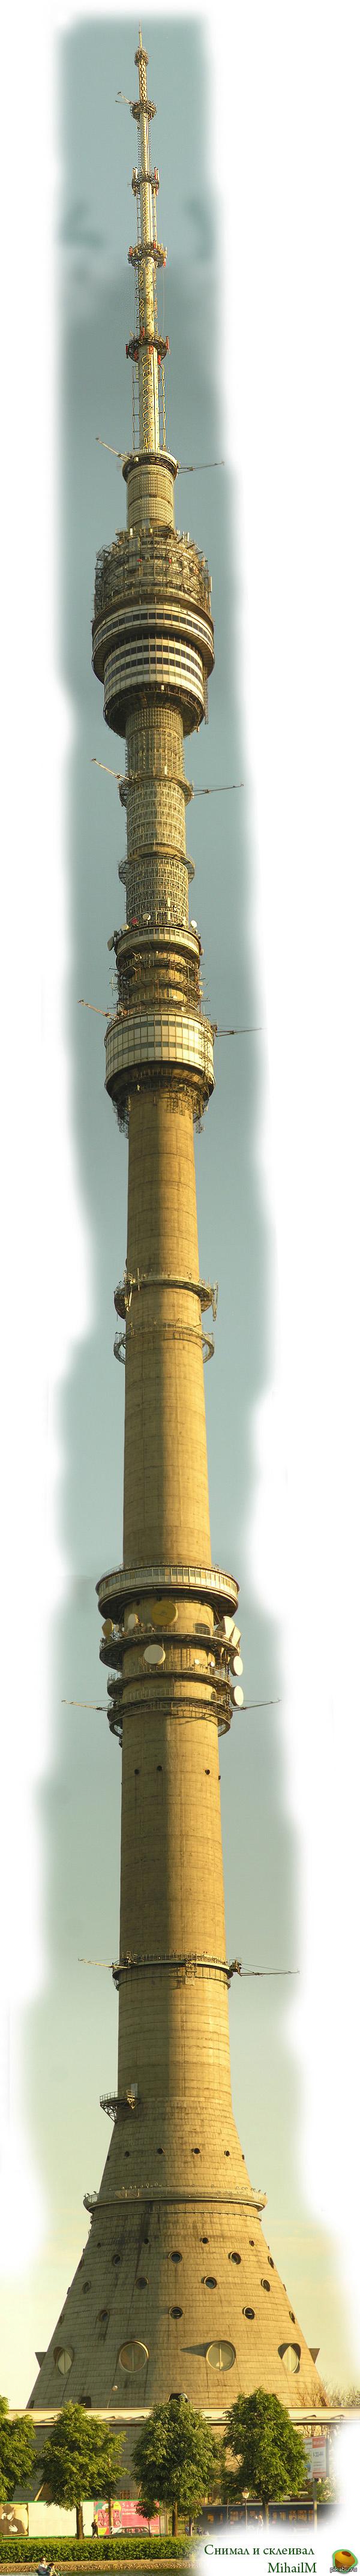 башня и дрель